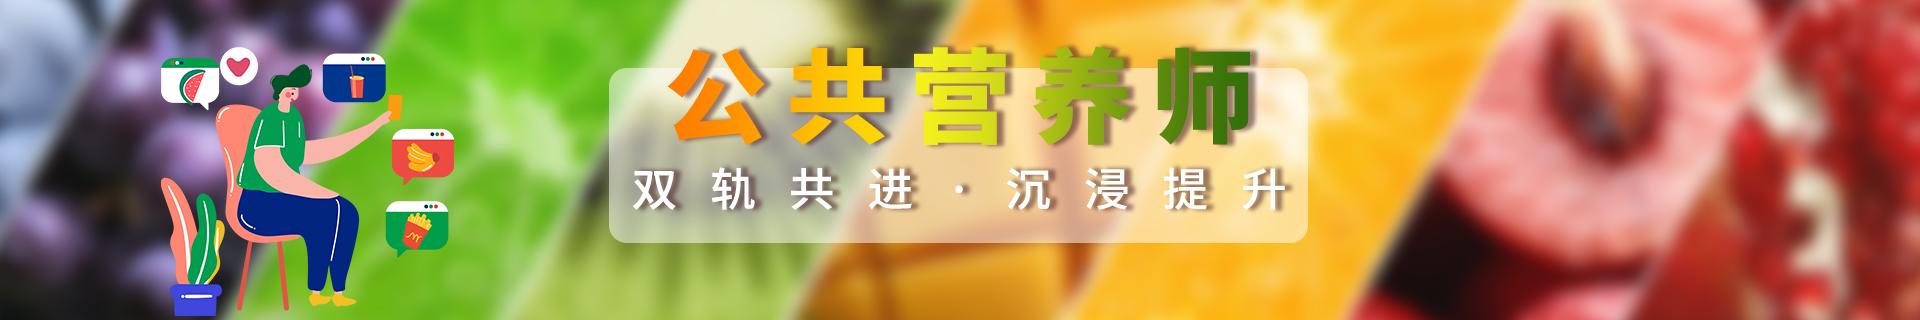 河北廊坊优路教育培训学校